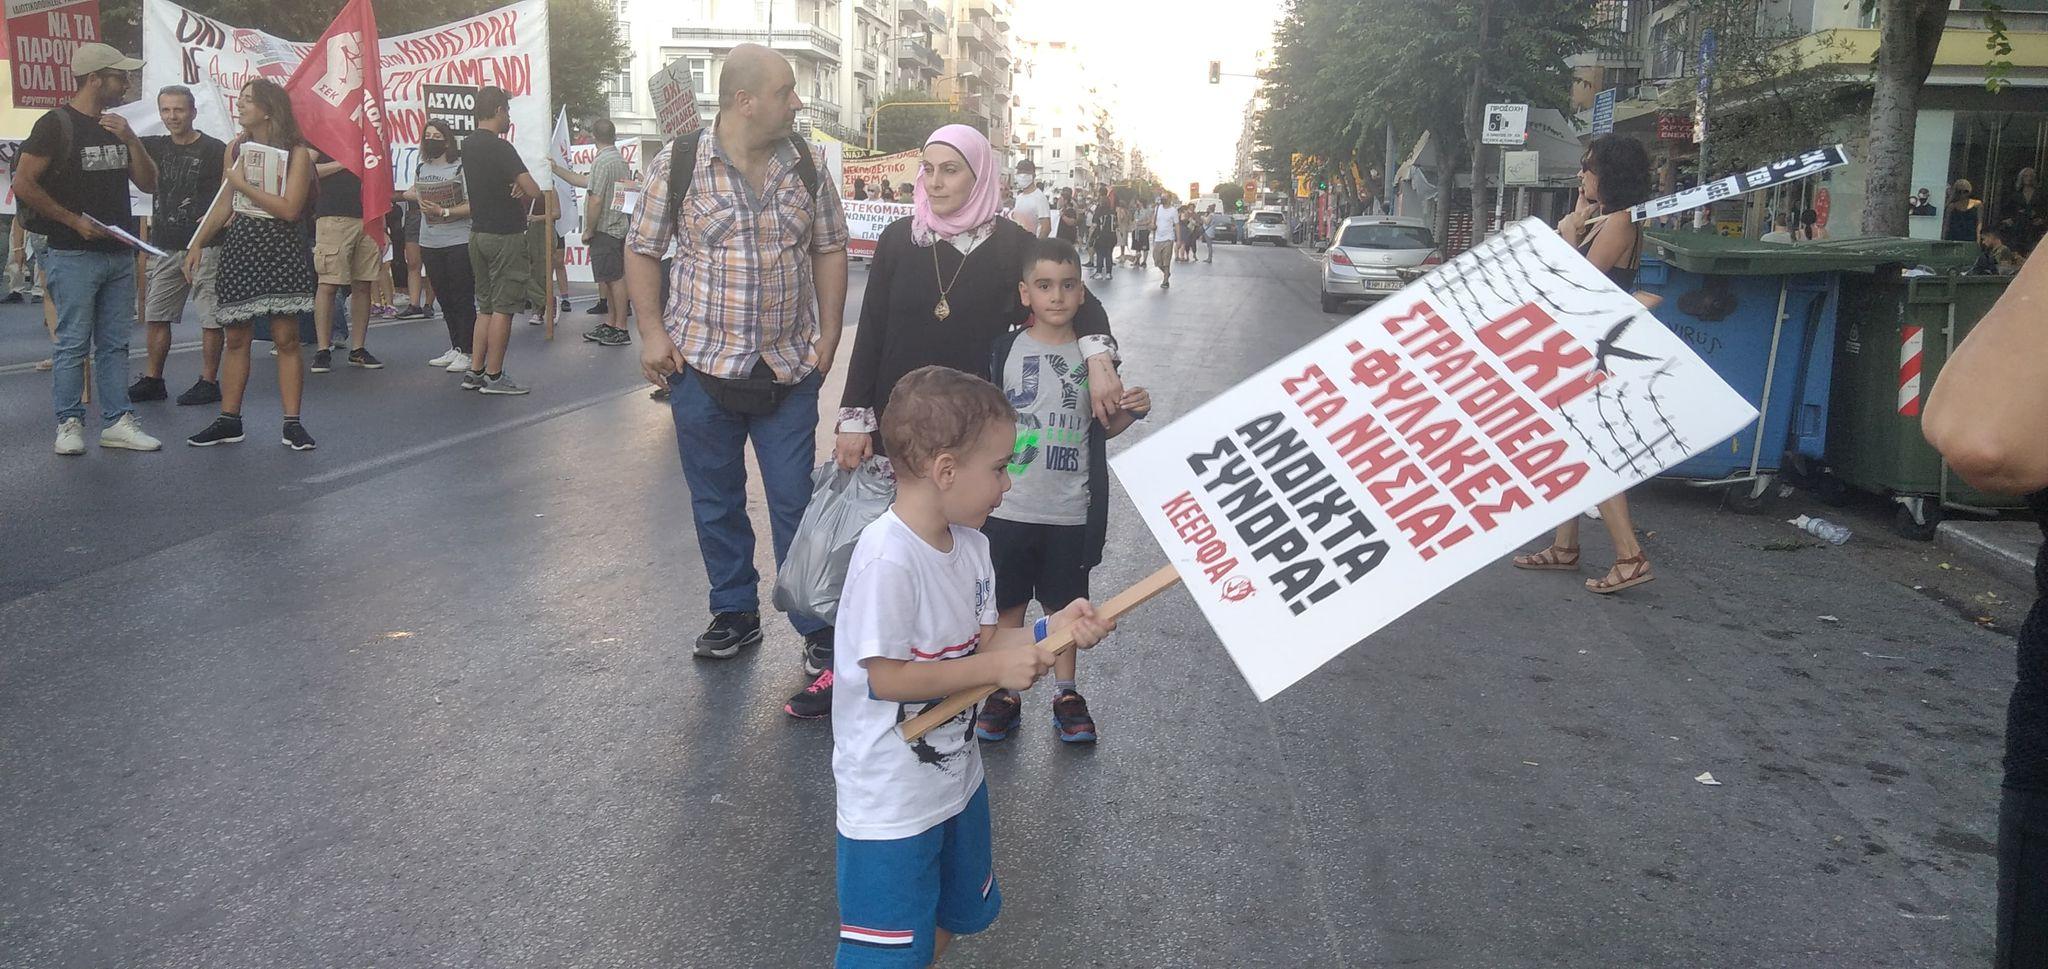 Διαδηλώσεις στη Θεσσαλονίκη ενάντια στην κυβερνητική πολιτική (Φωτογραφίες)